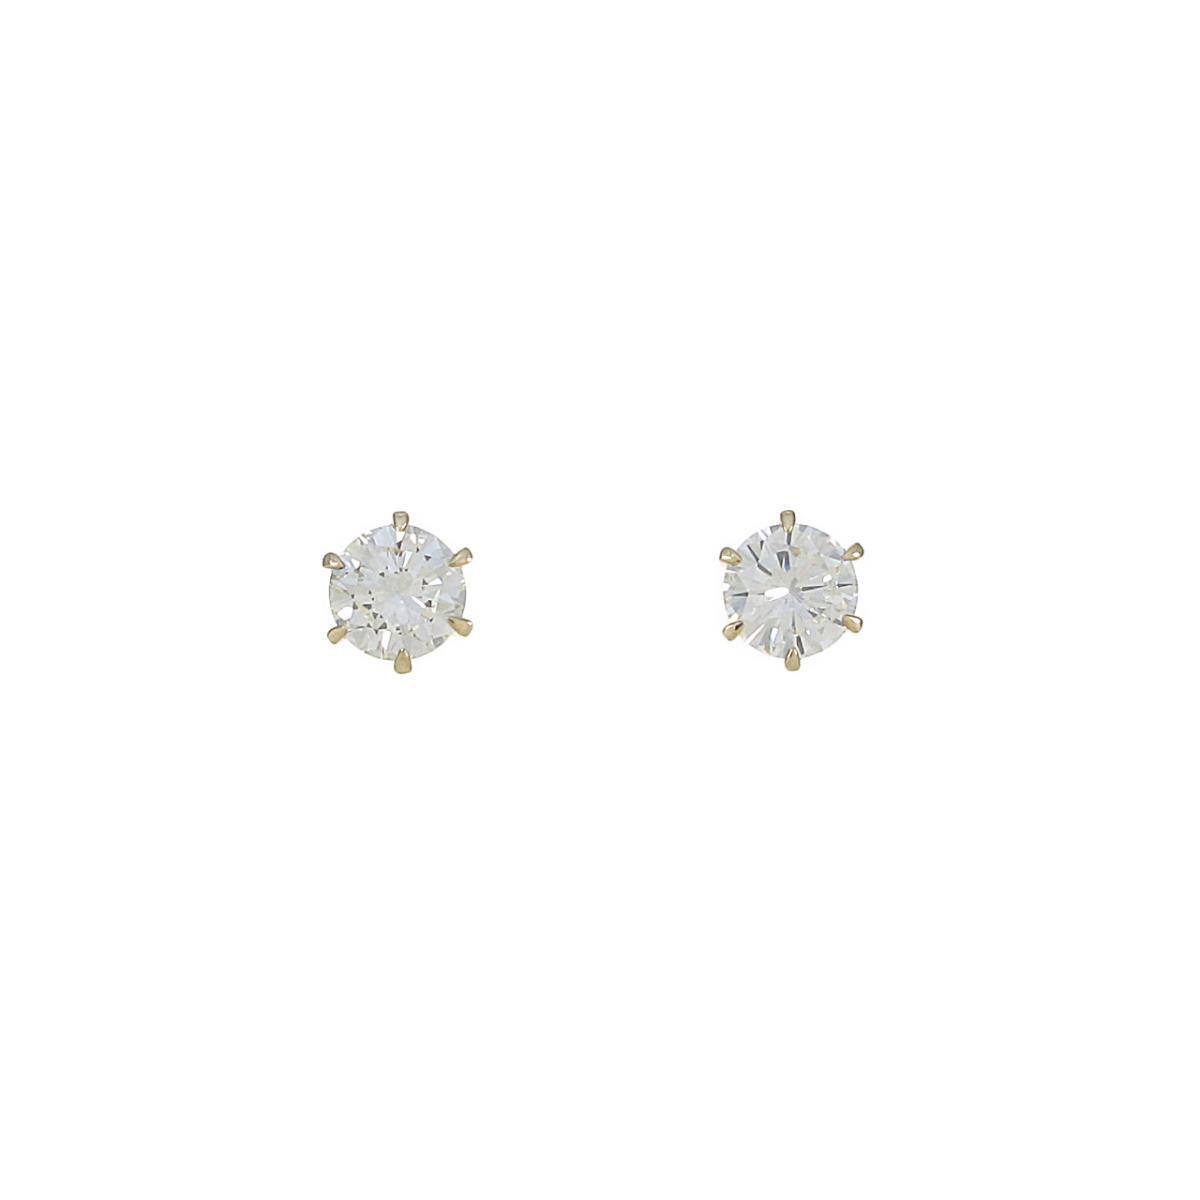 【リメイク】K18YG/STダイヤモンドピアス 0.509ct・0.518ct・K・VS1-2・VG-GOOD【中古】